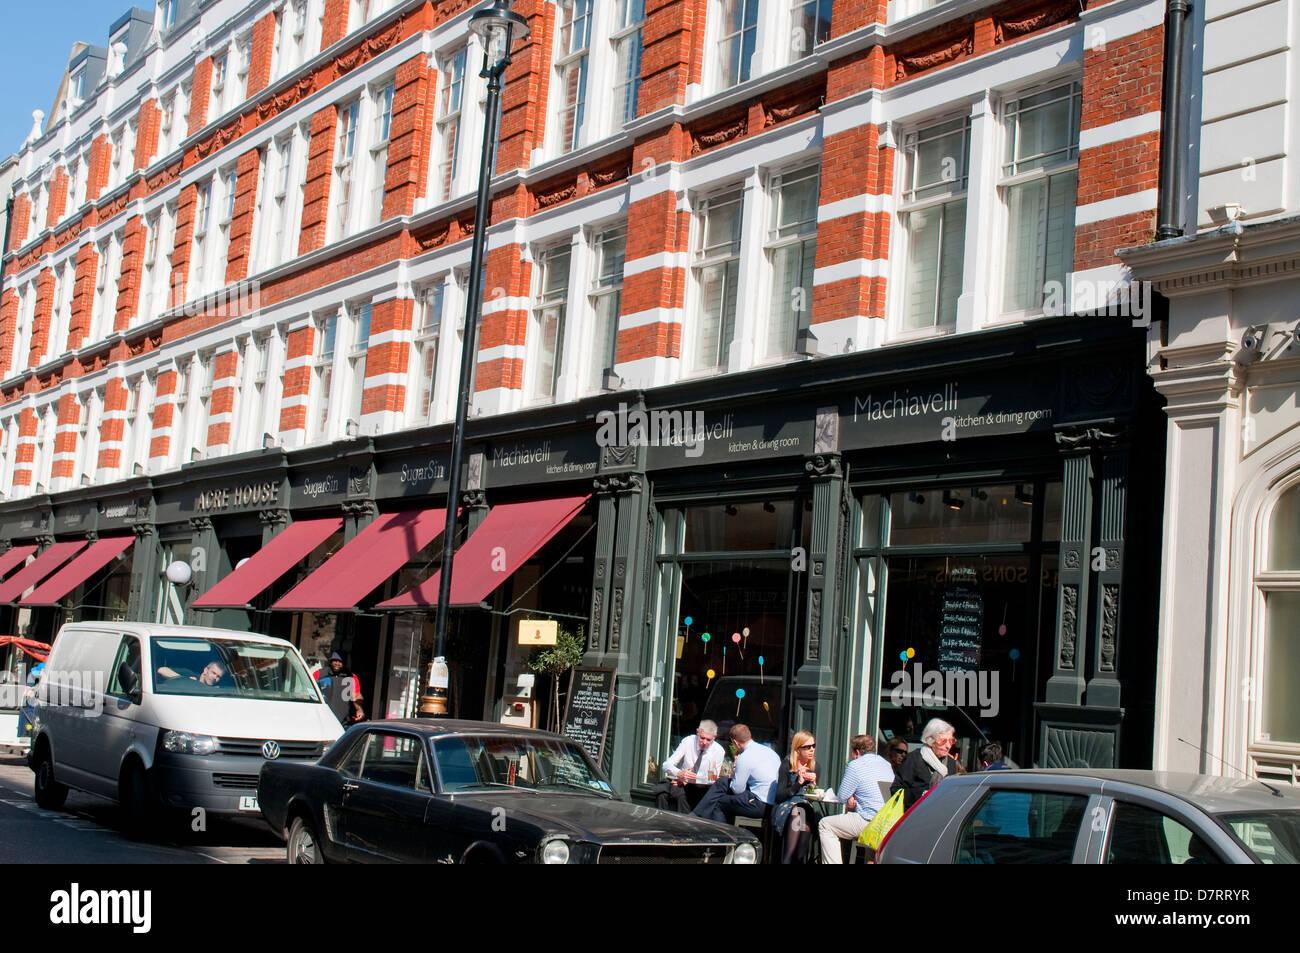 Machiavelli Restaurant In Long Acre Street Covent Garden London UK